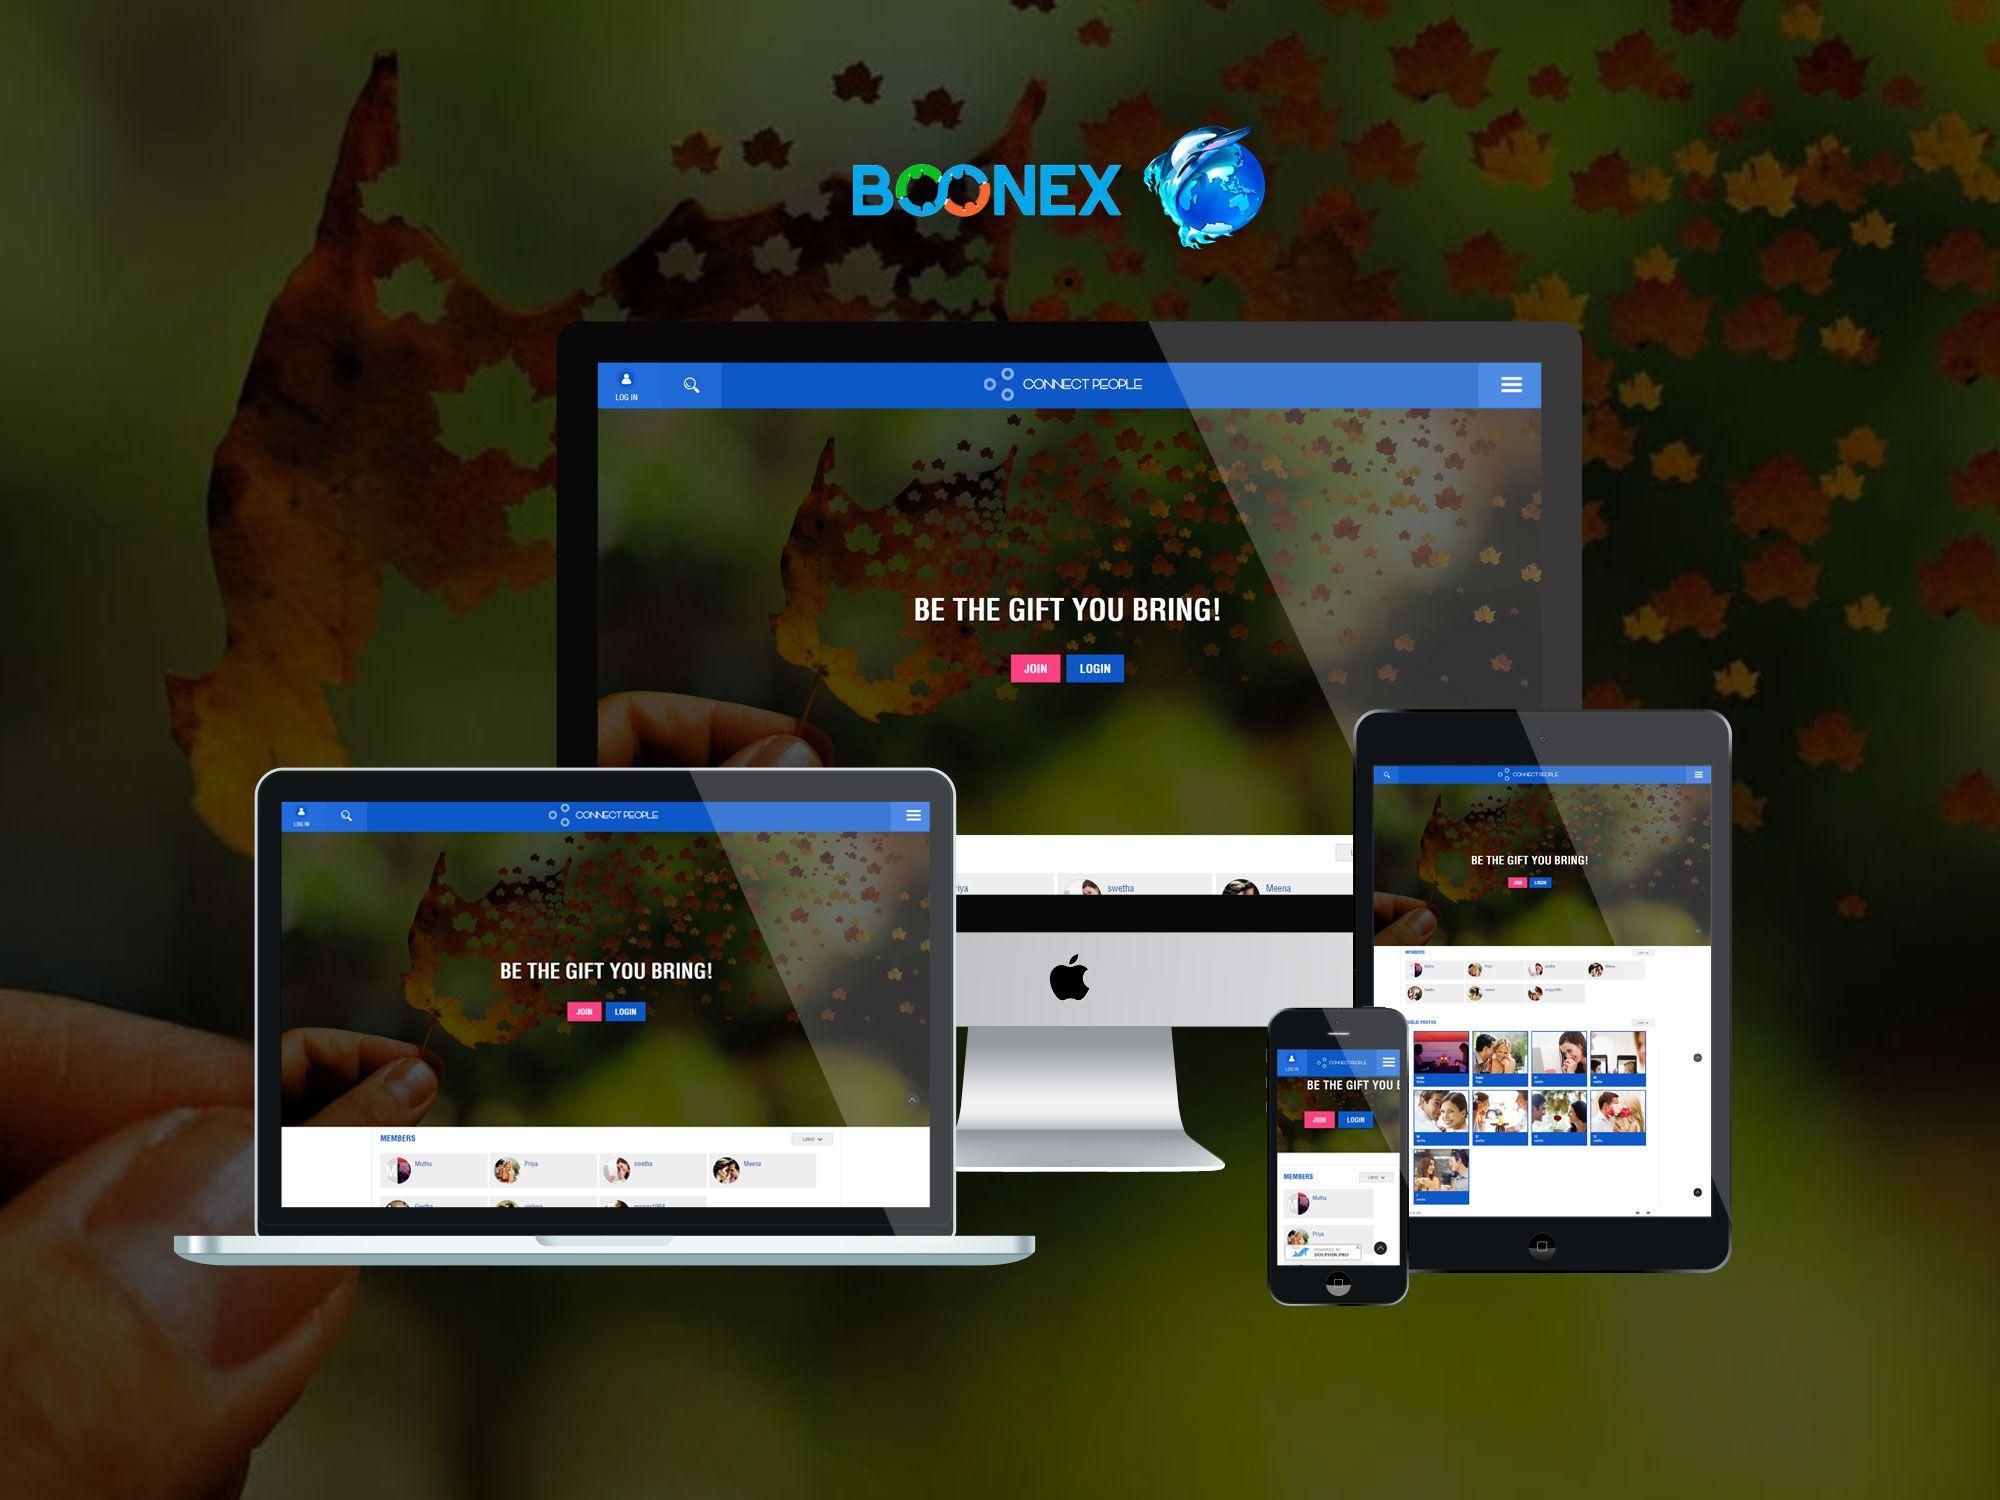 Lovely Talk - boonex dolphin | Boonex dolphin themes | Pinterest